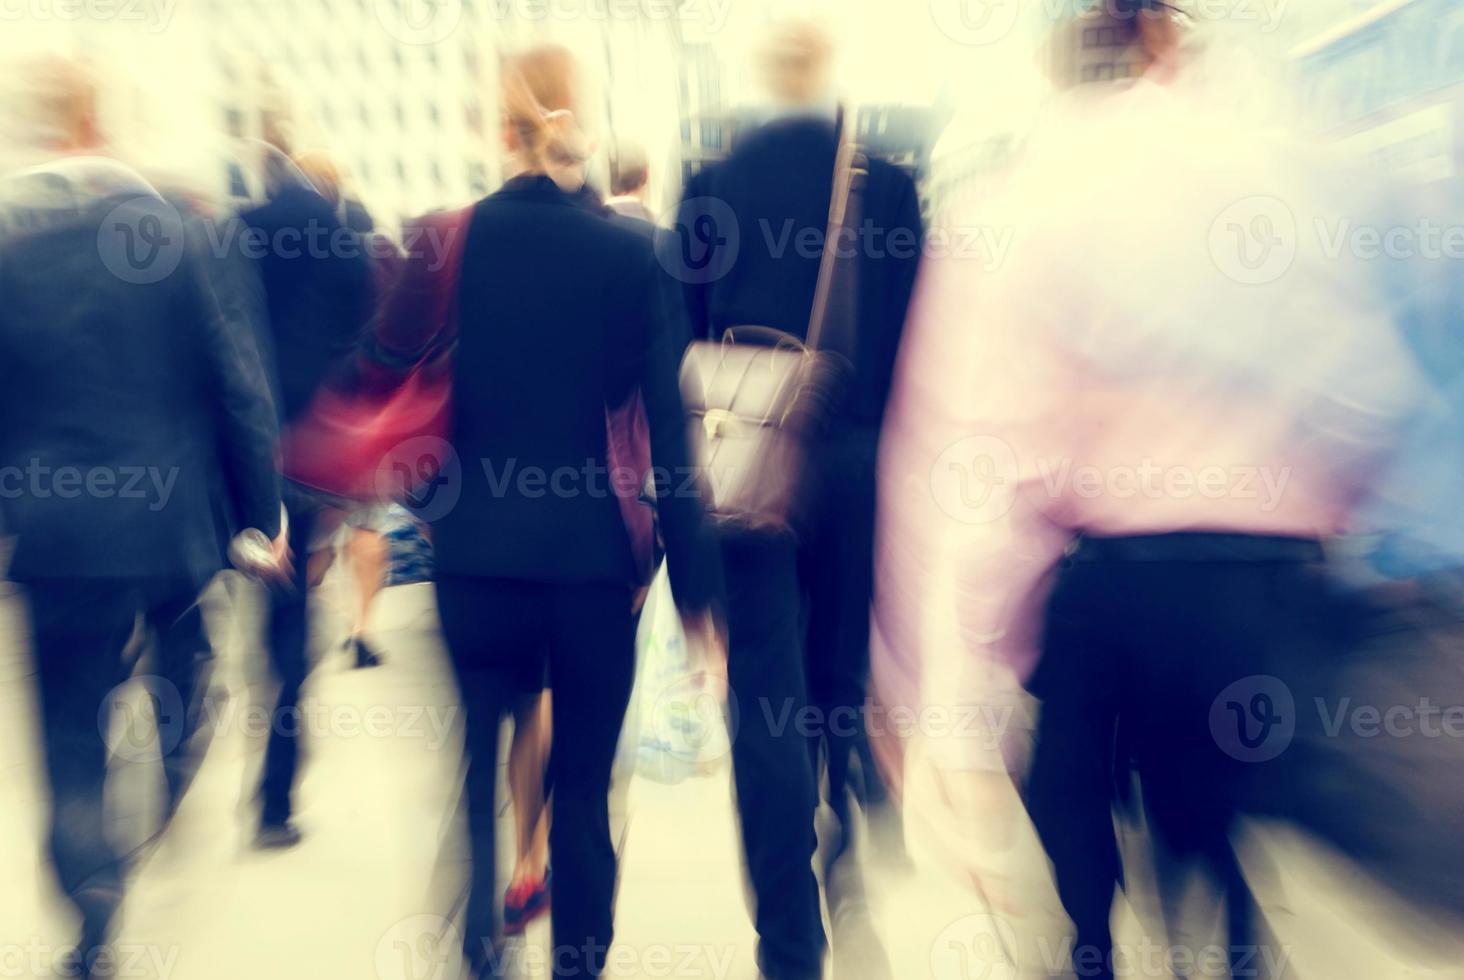 Les gens d'affaires l'heure de pointe occupé à pied concept de banlieue photo